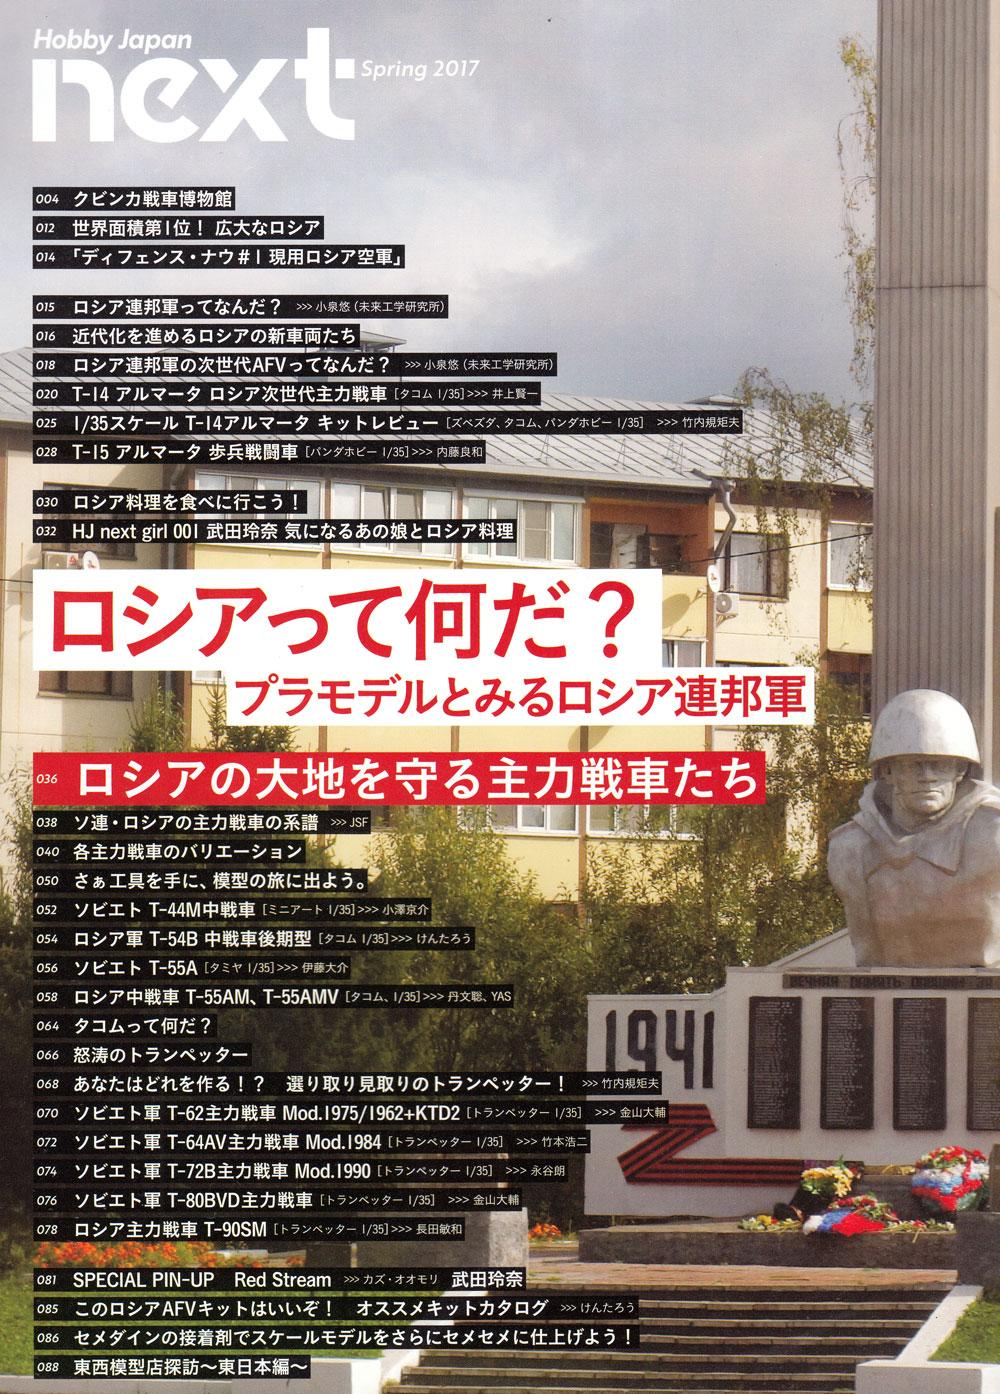 ホビージャパン NEXT Vol.01 ロシアって何だ雑誌(ホビージャパンHOBBY JAPAN NEXTNo.Vol.001)商品画像_1